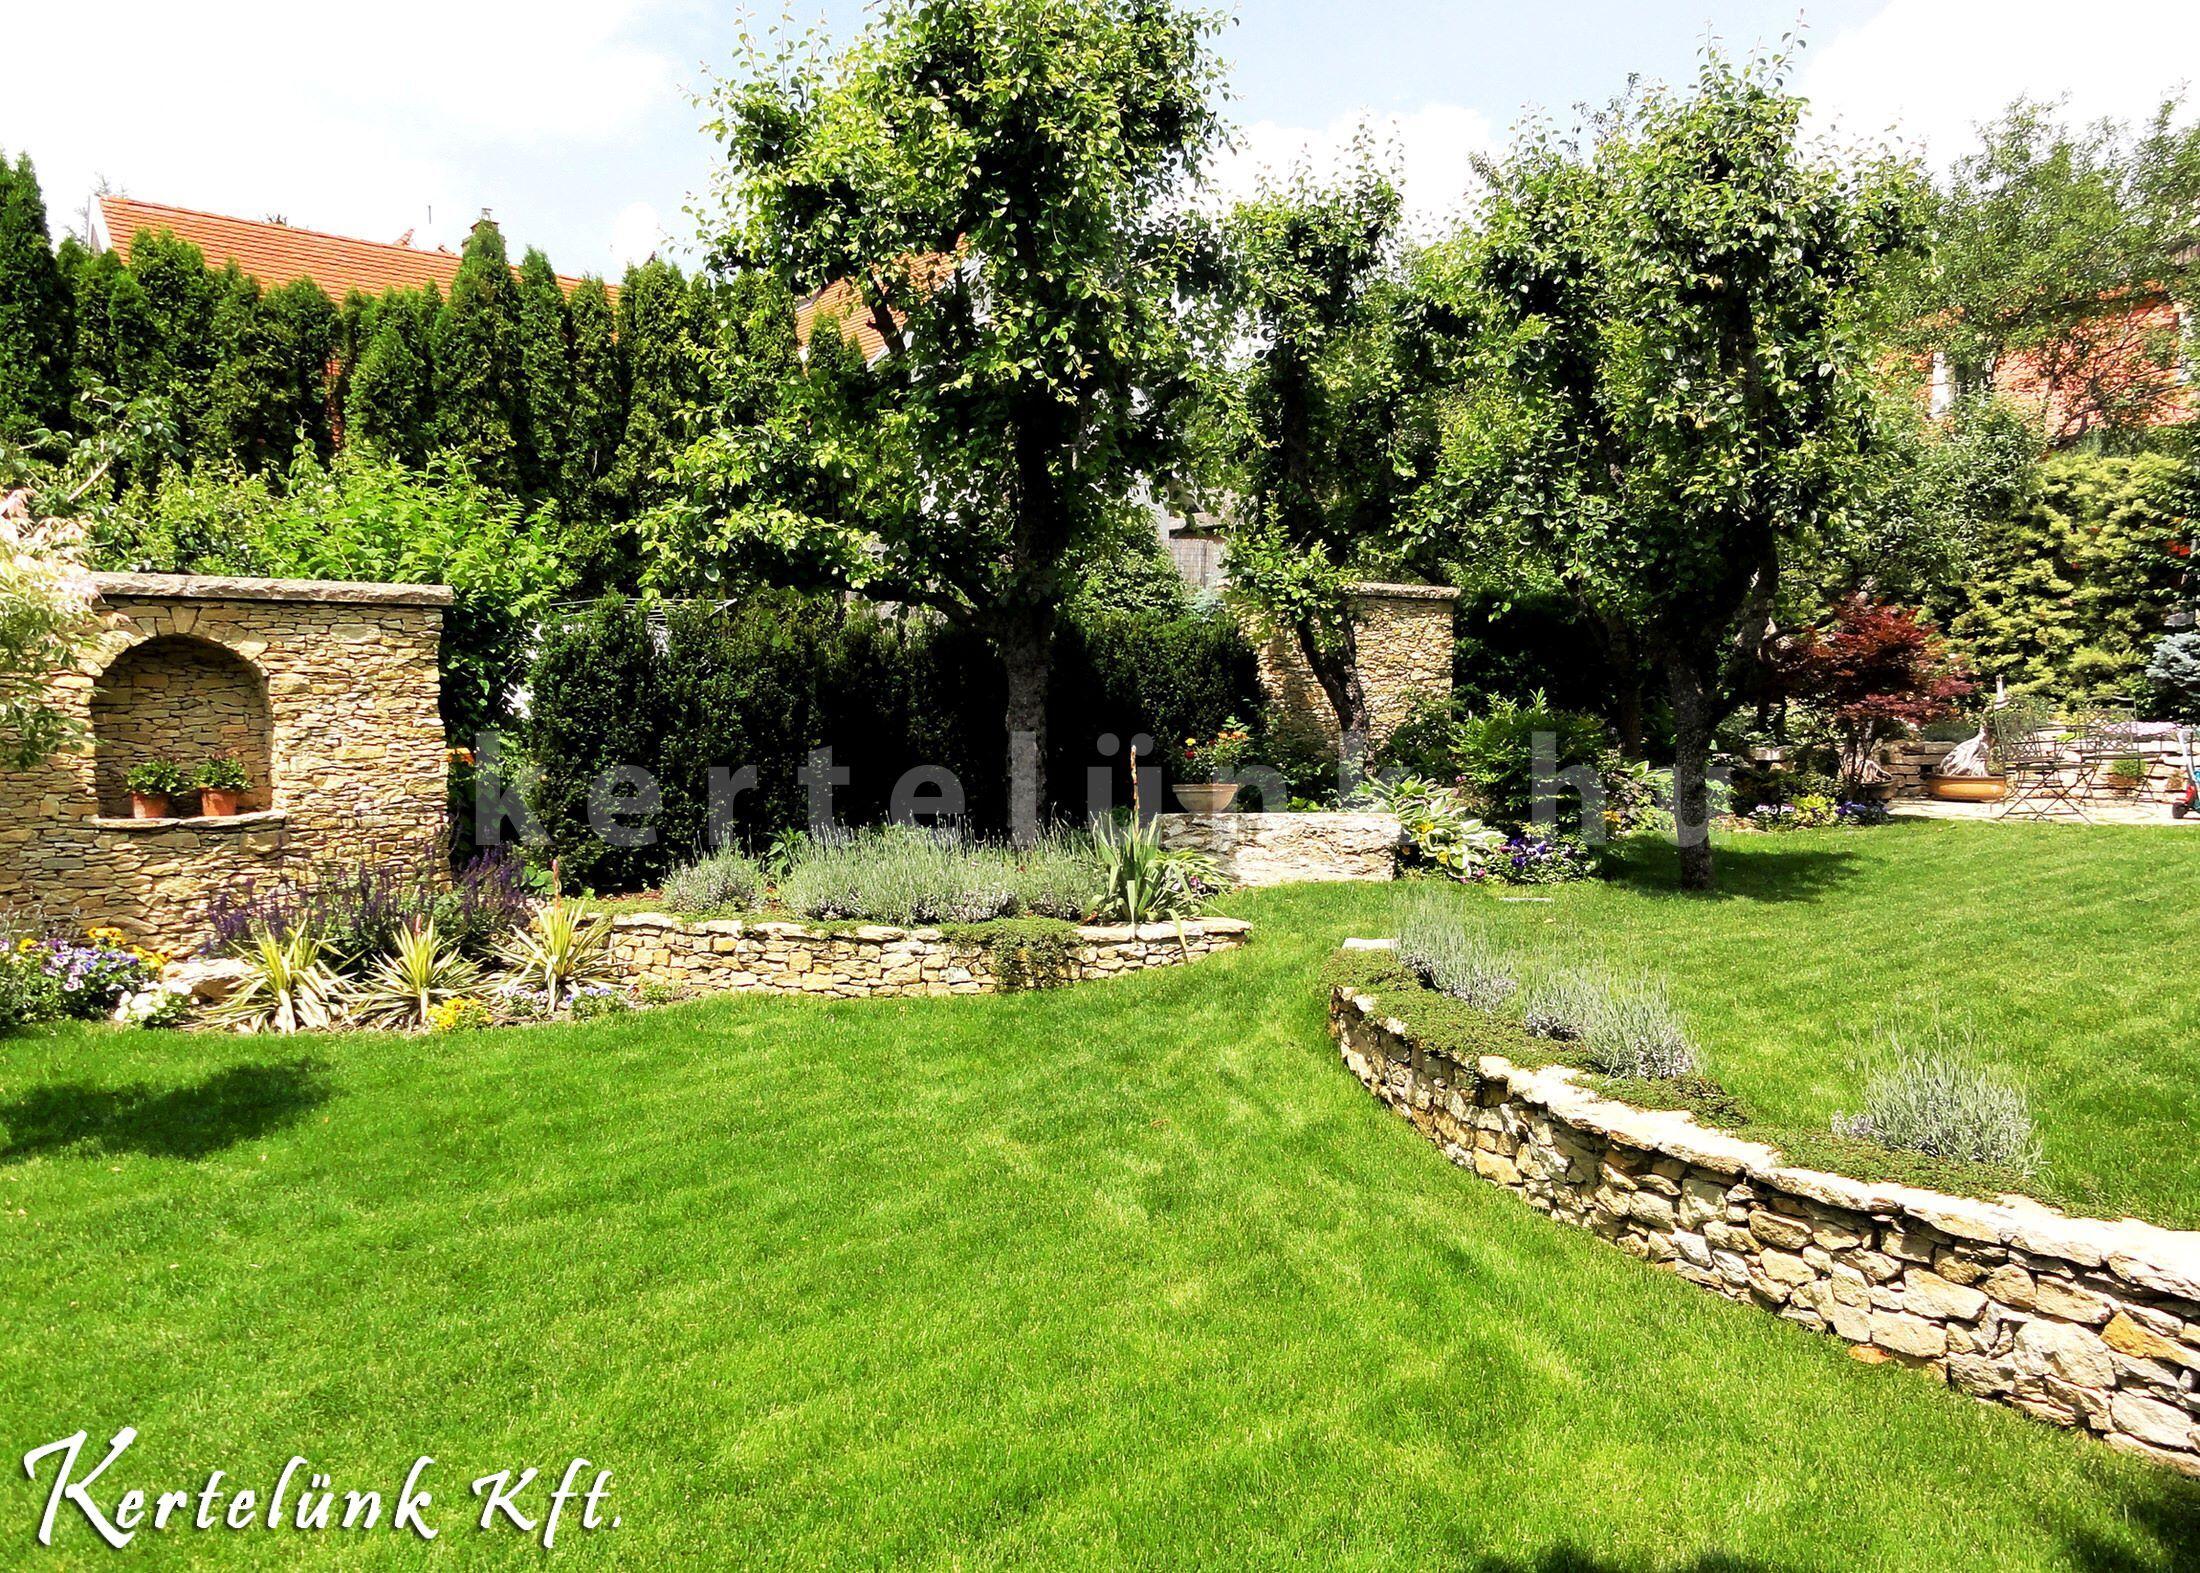 Üde zöld gyep, színes növények, mészkő támfalak.